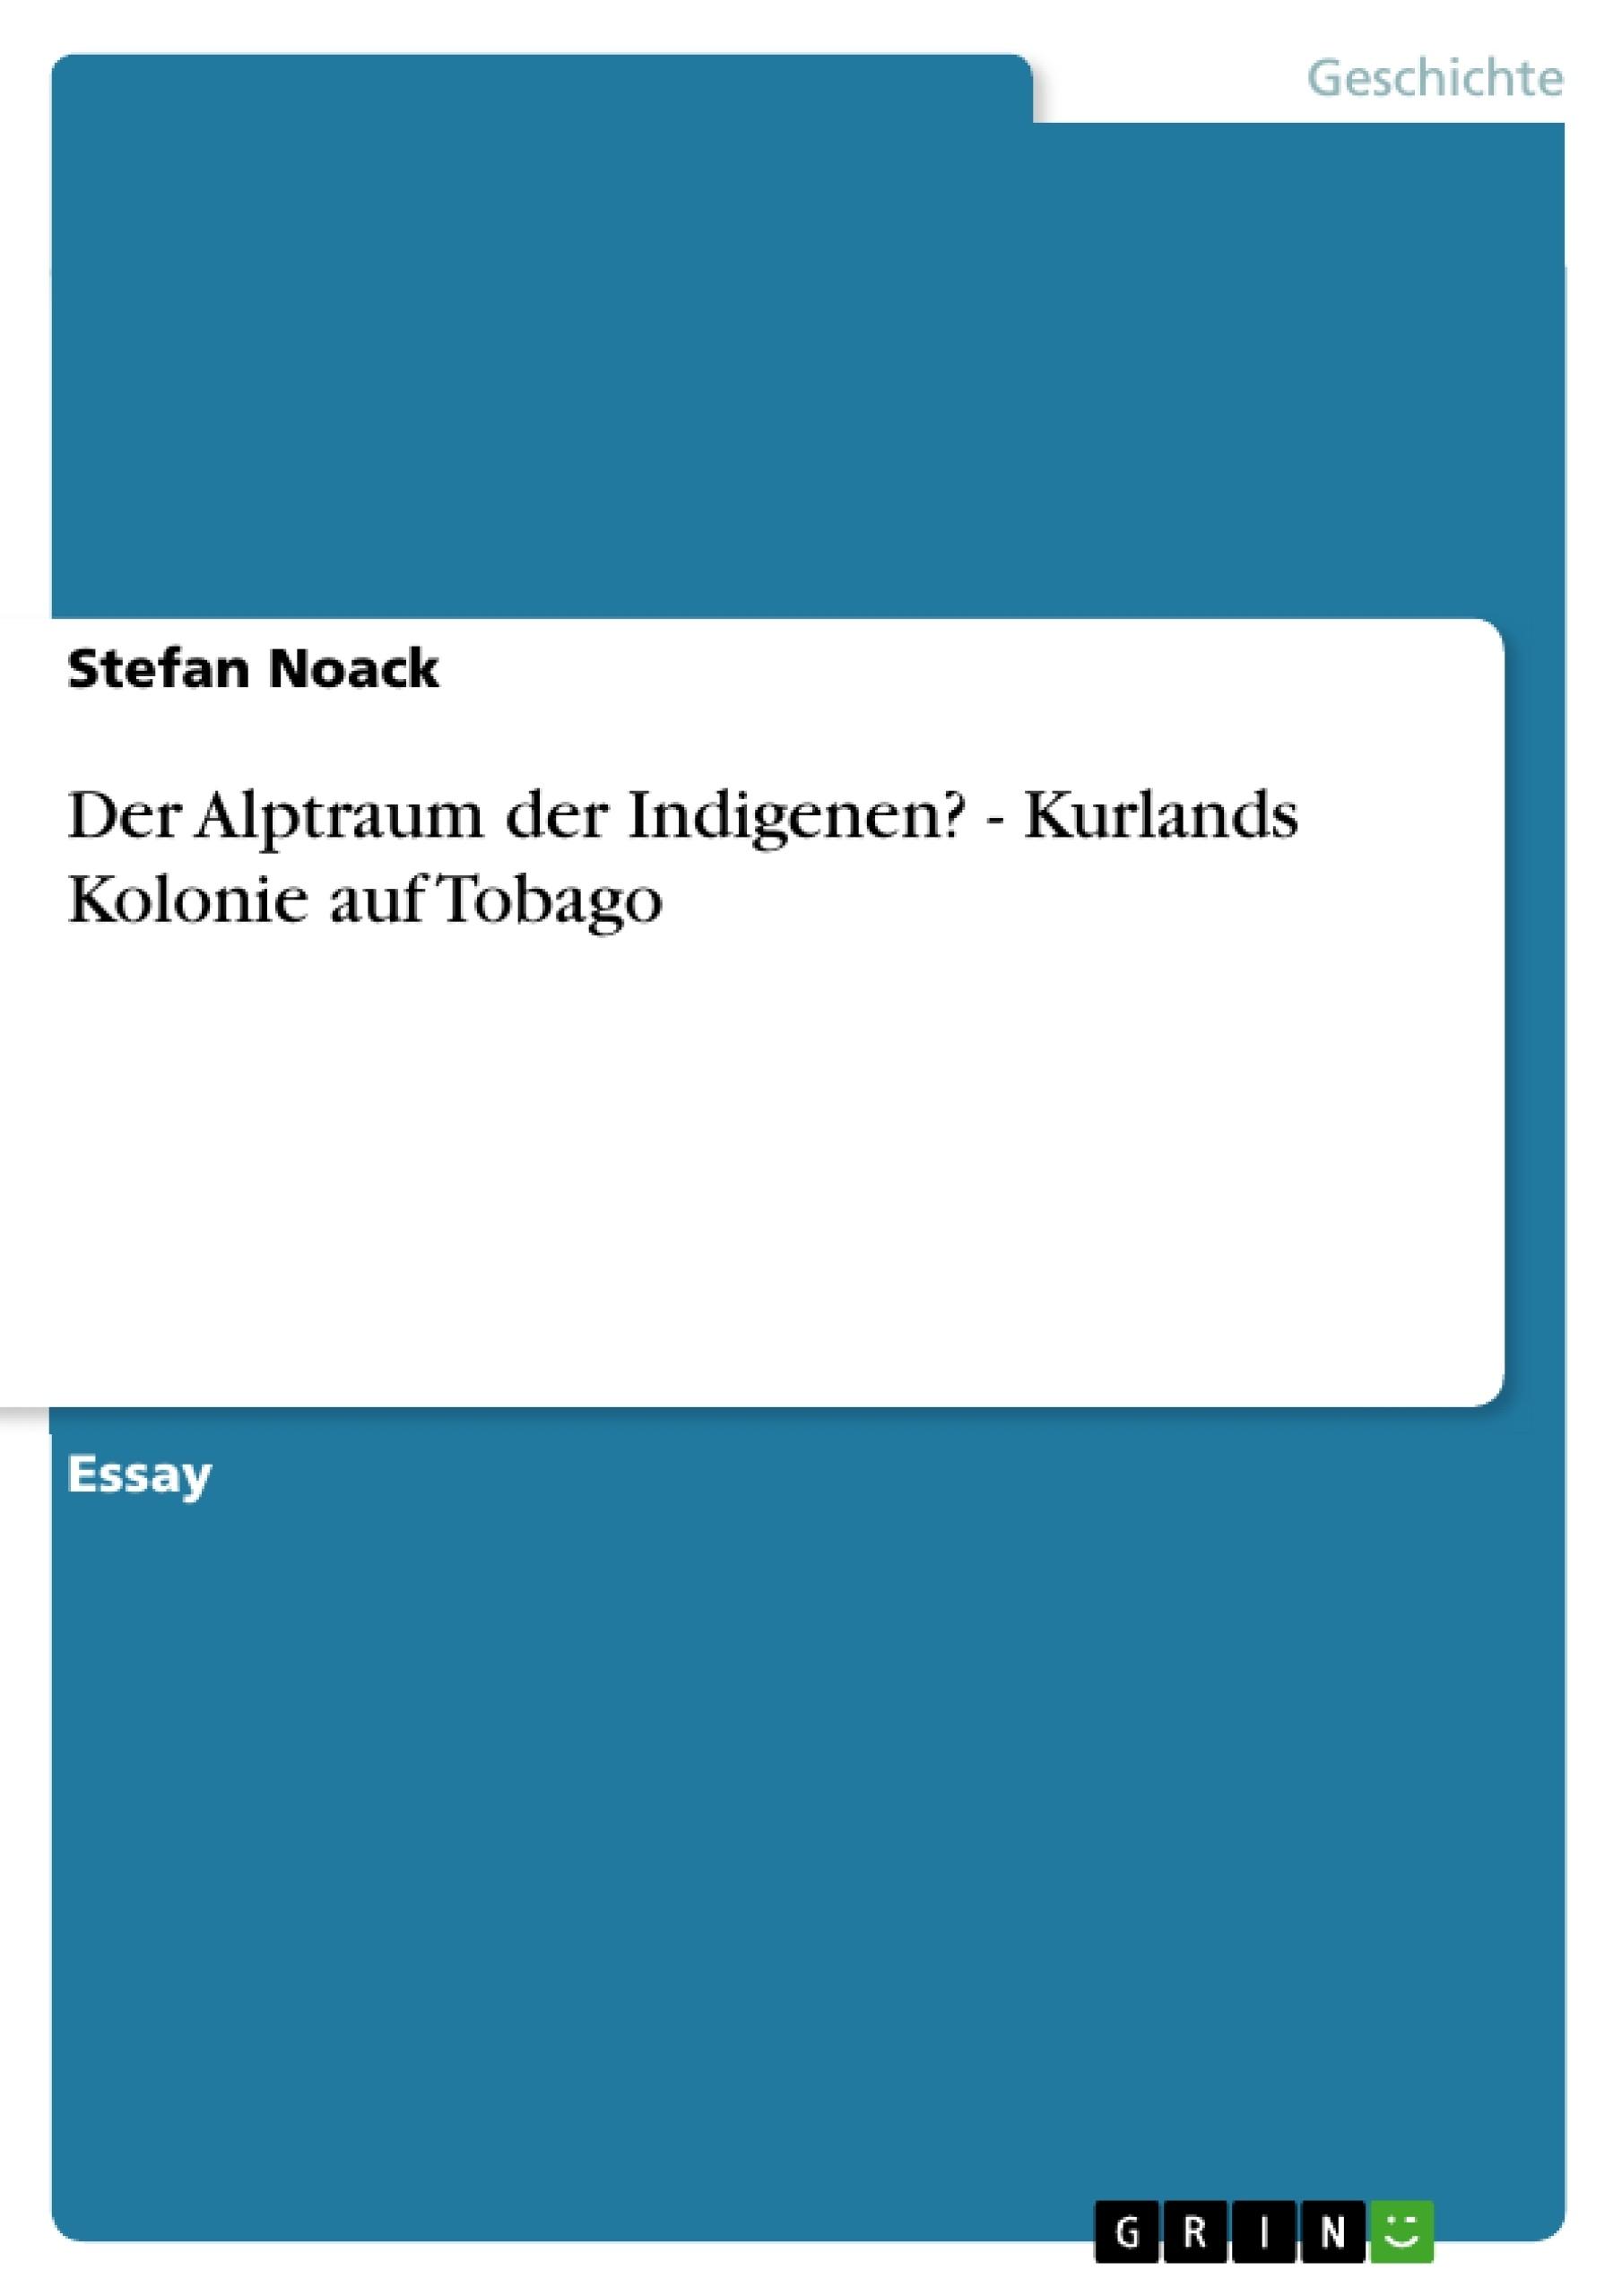 Titel: Der Alptraum der Indigenen? - Kurlands Kolonie auf Tobago